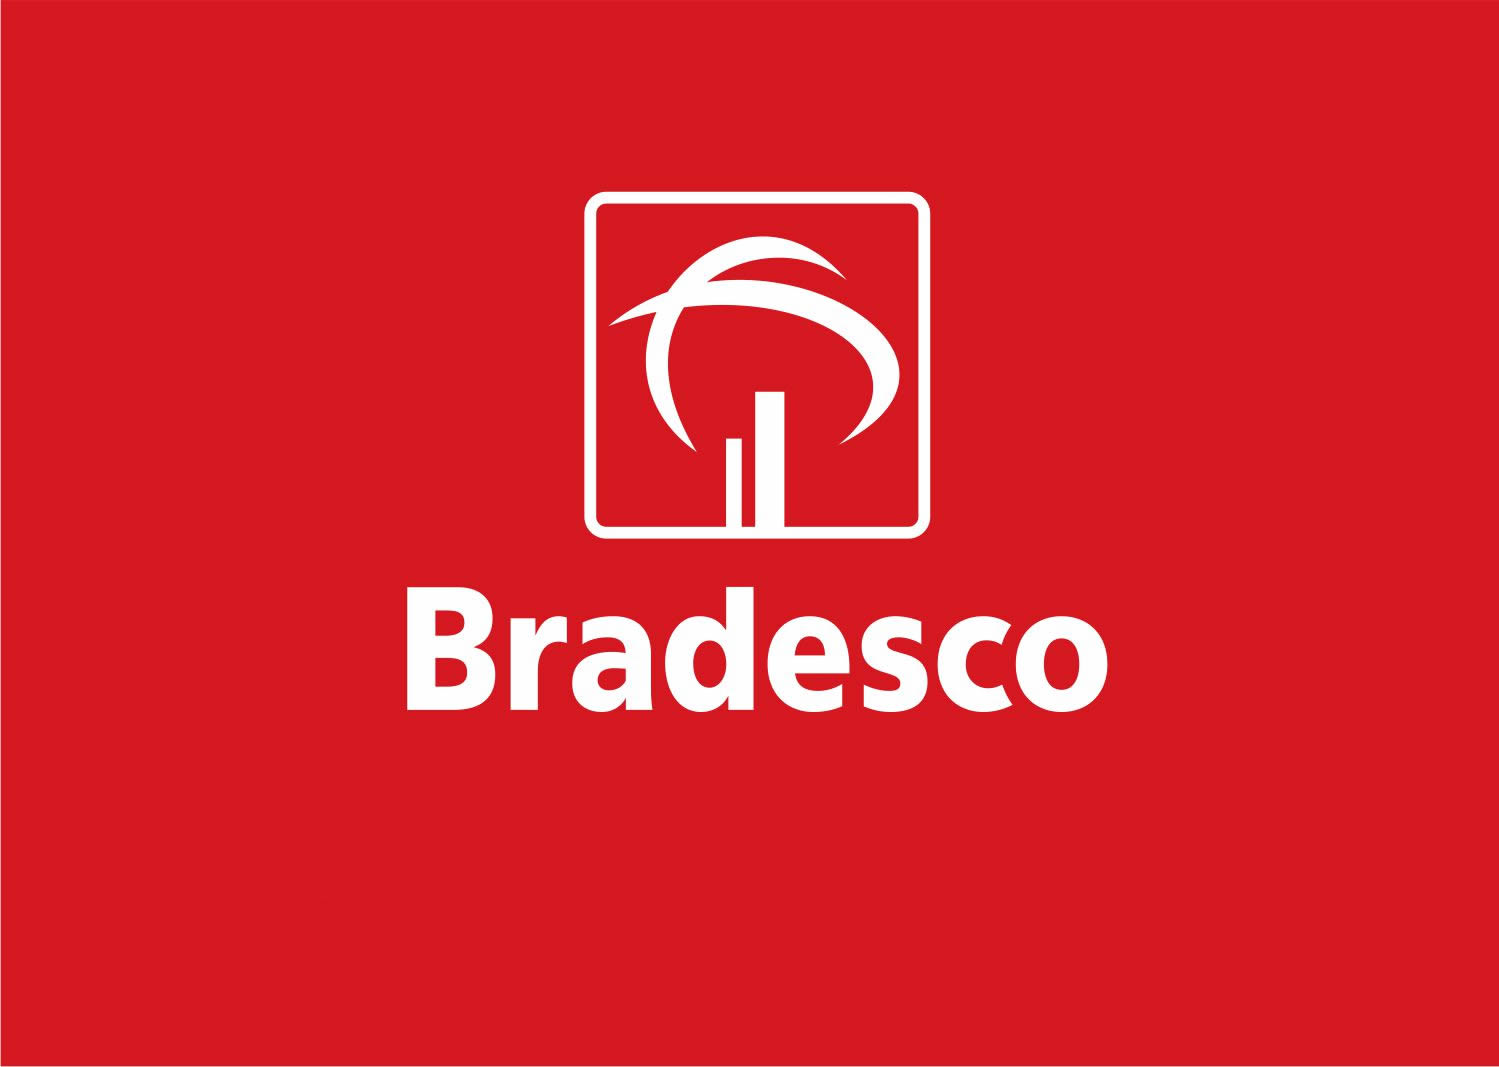 ProgramaJovemAprendiz Bradesco 2018